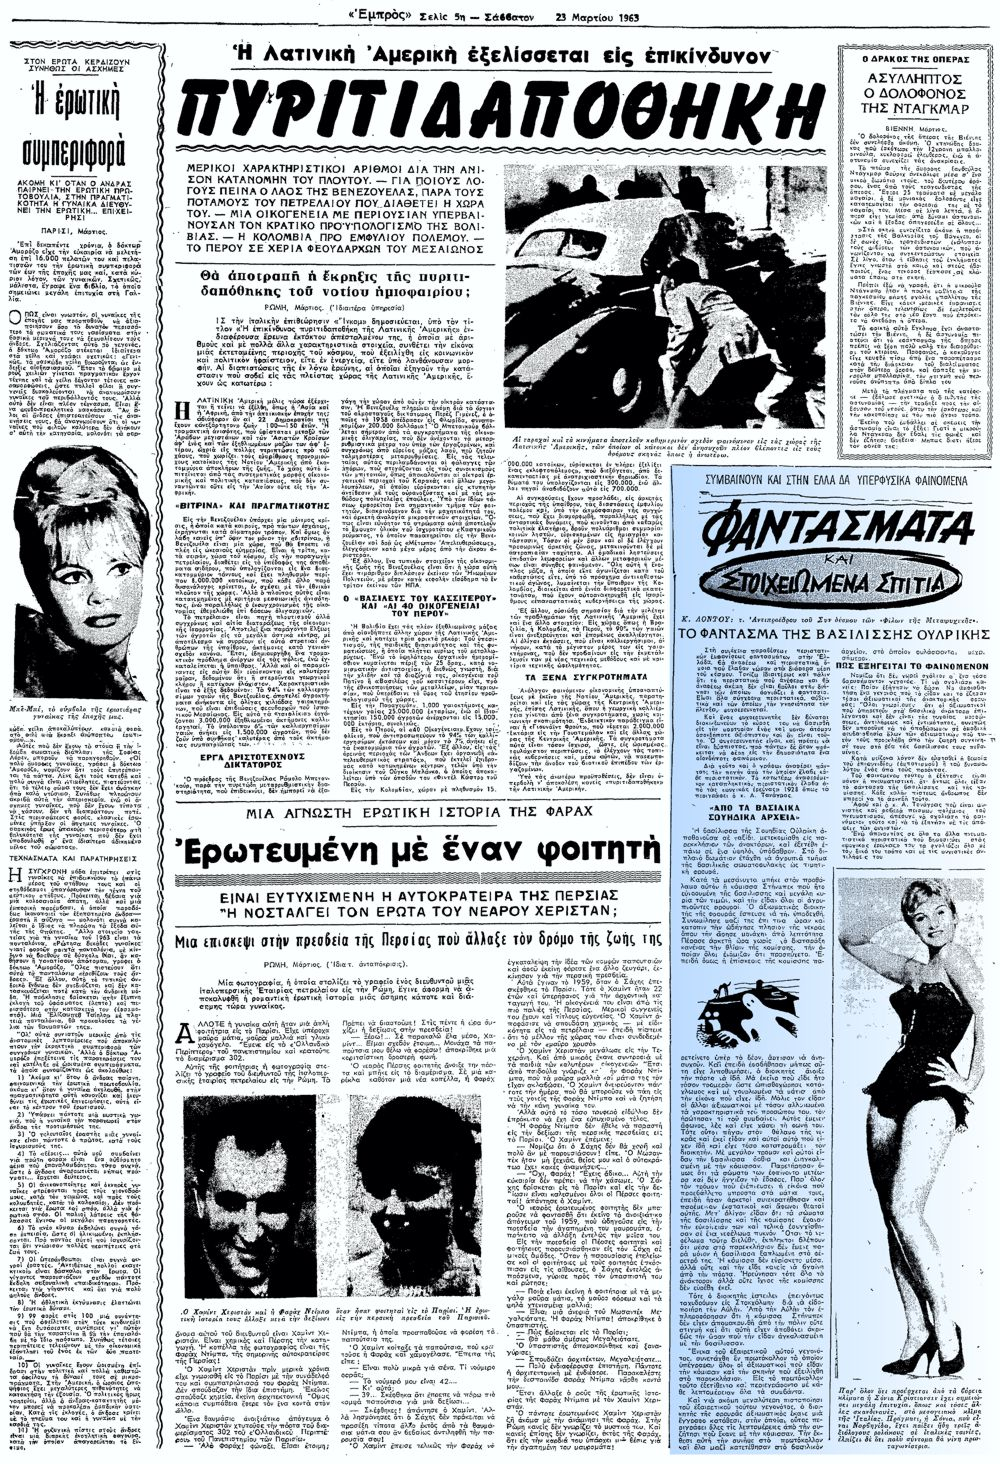 """Το άρθρο, όπως δημοσιεύθηκε στην εφημερίδα """"ΕΜΠΡΟΣ"""", την 23/03/1963"""